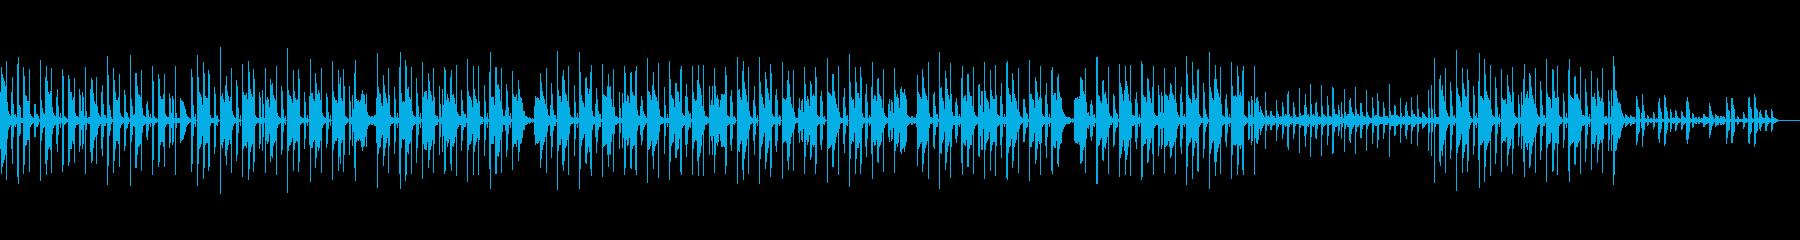 ノリノリのエレクトロ系ヒップホップの再生済みの波形